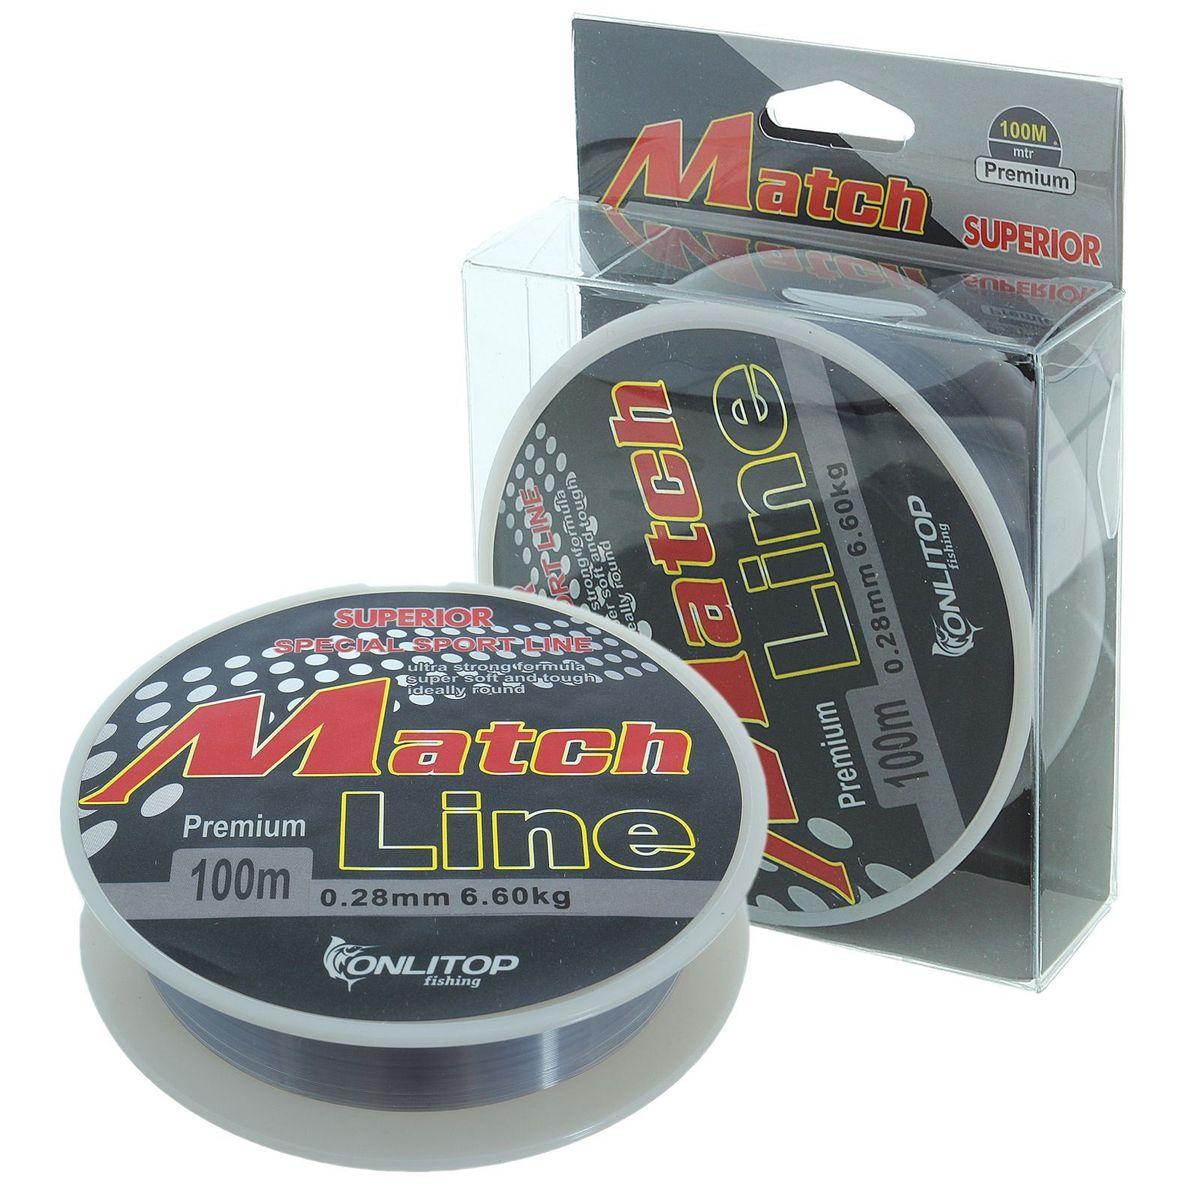 Леска Onlitop Match Line, цвет: серый, 100 м, 0,28 мм, 6,6 кг onlitop m 105025